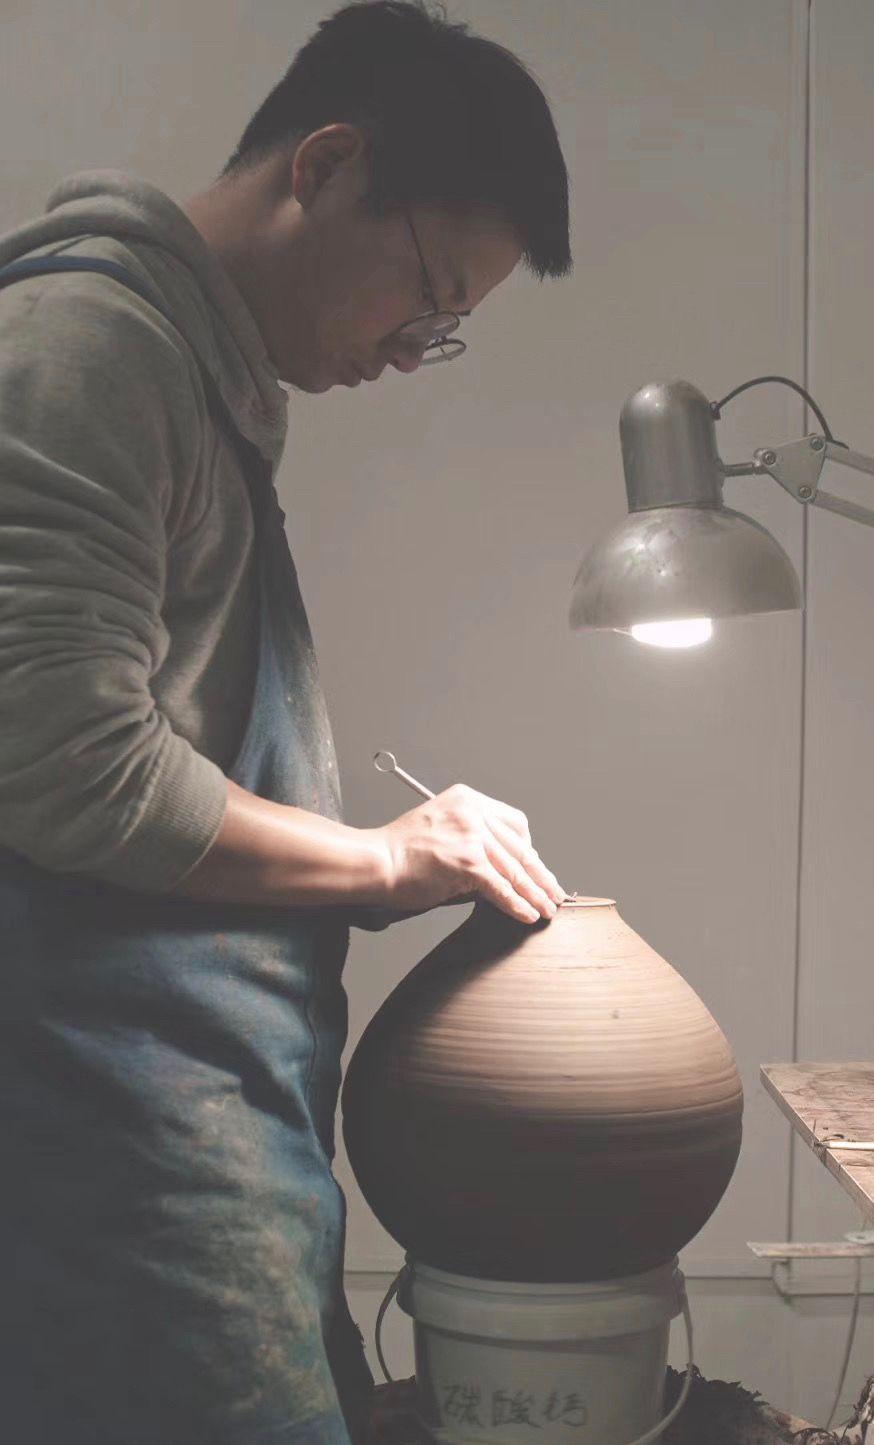 馬欣炜正在做陶艺。 供访者受图。